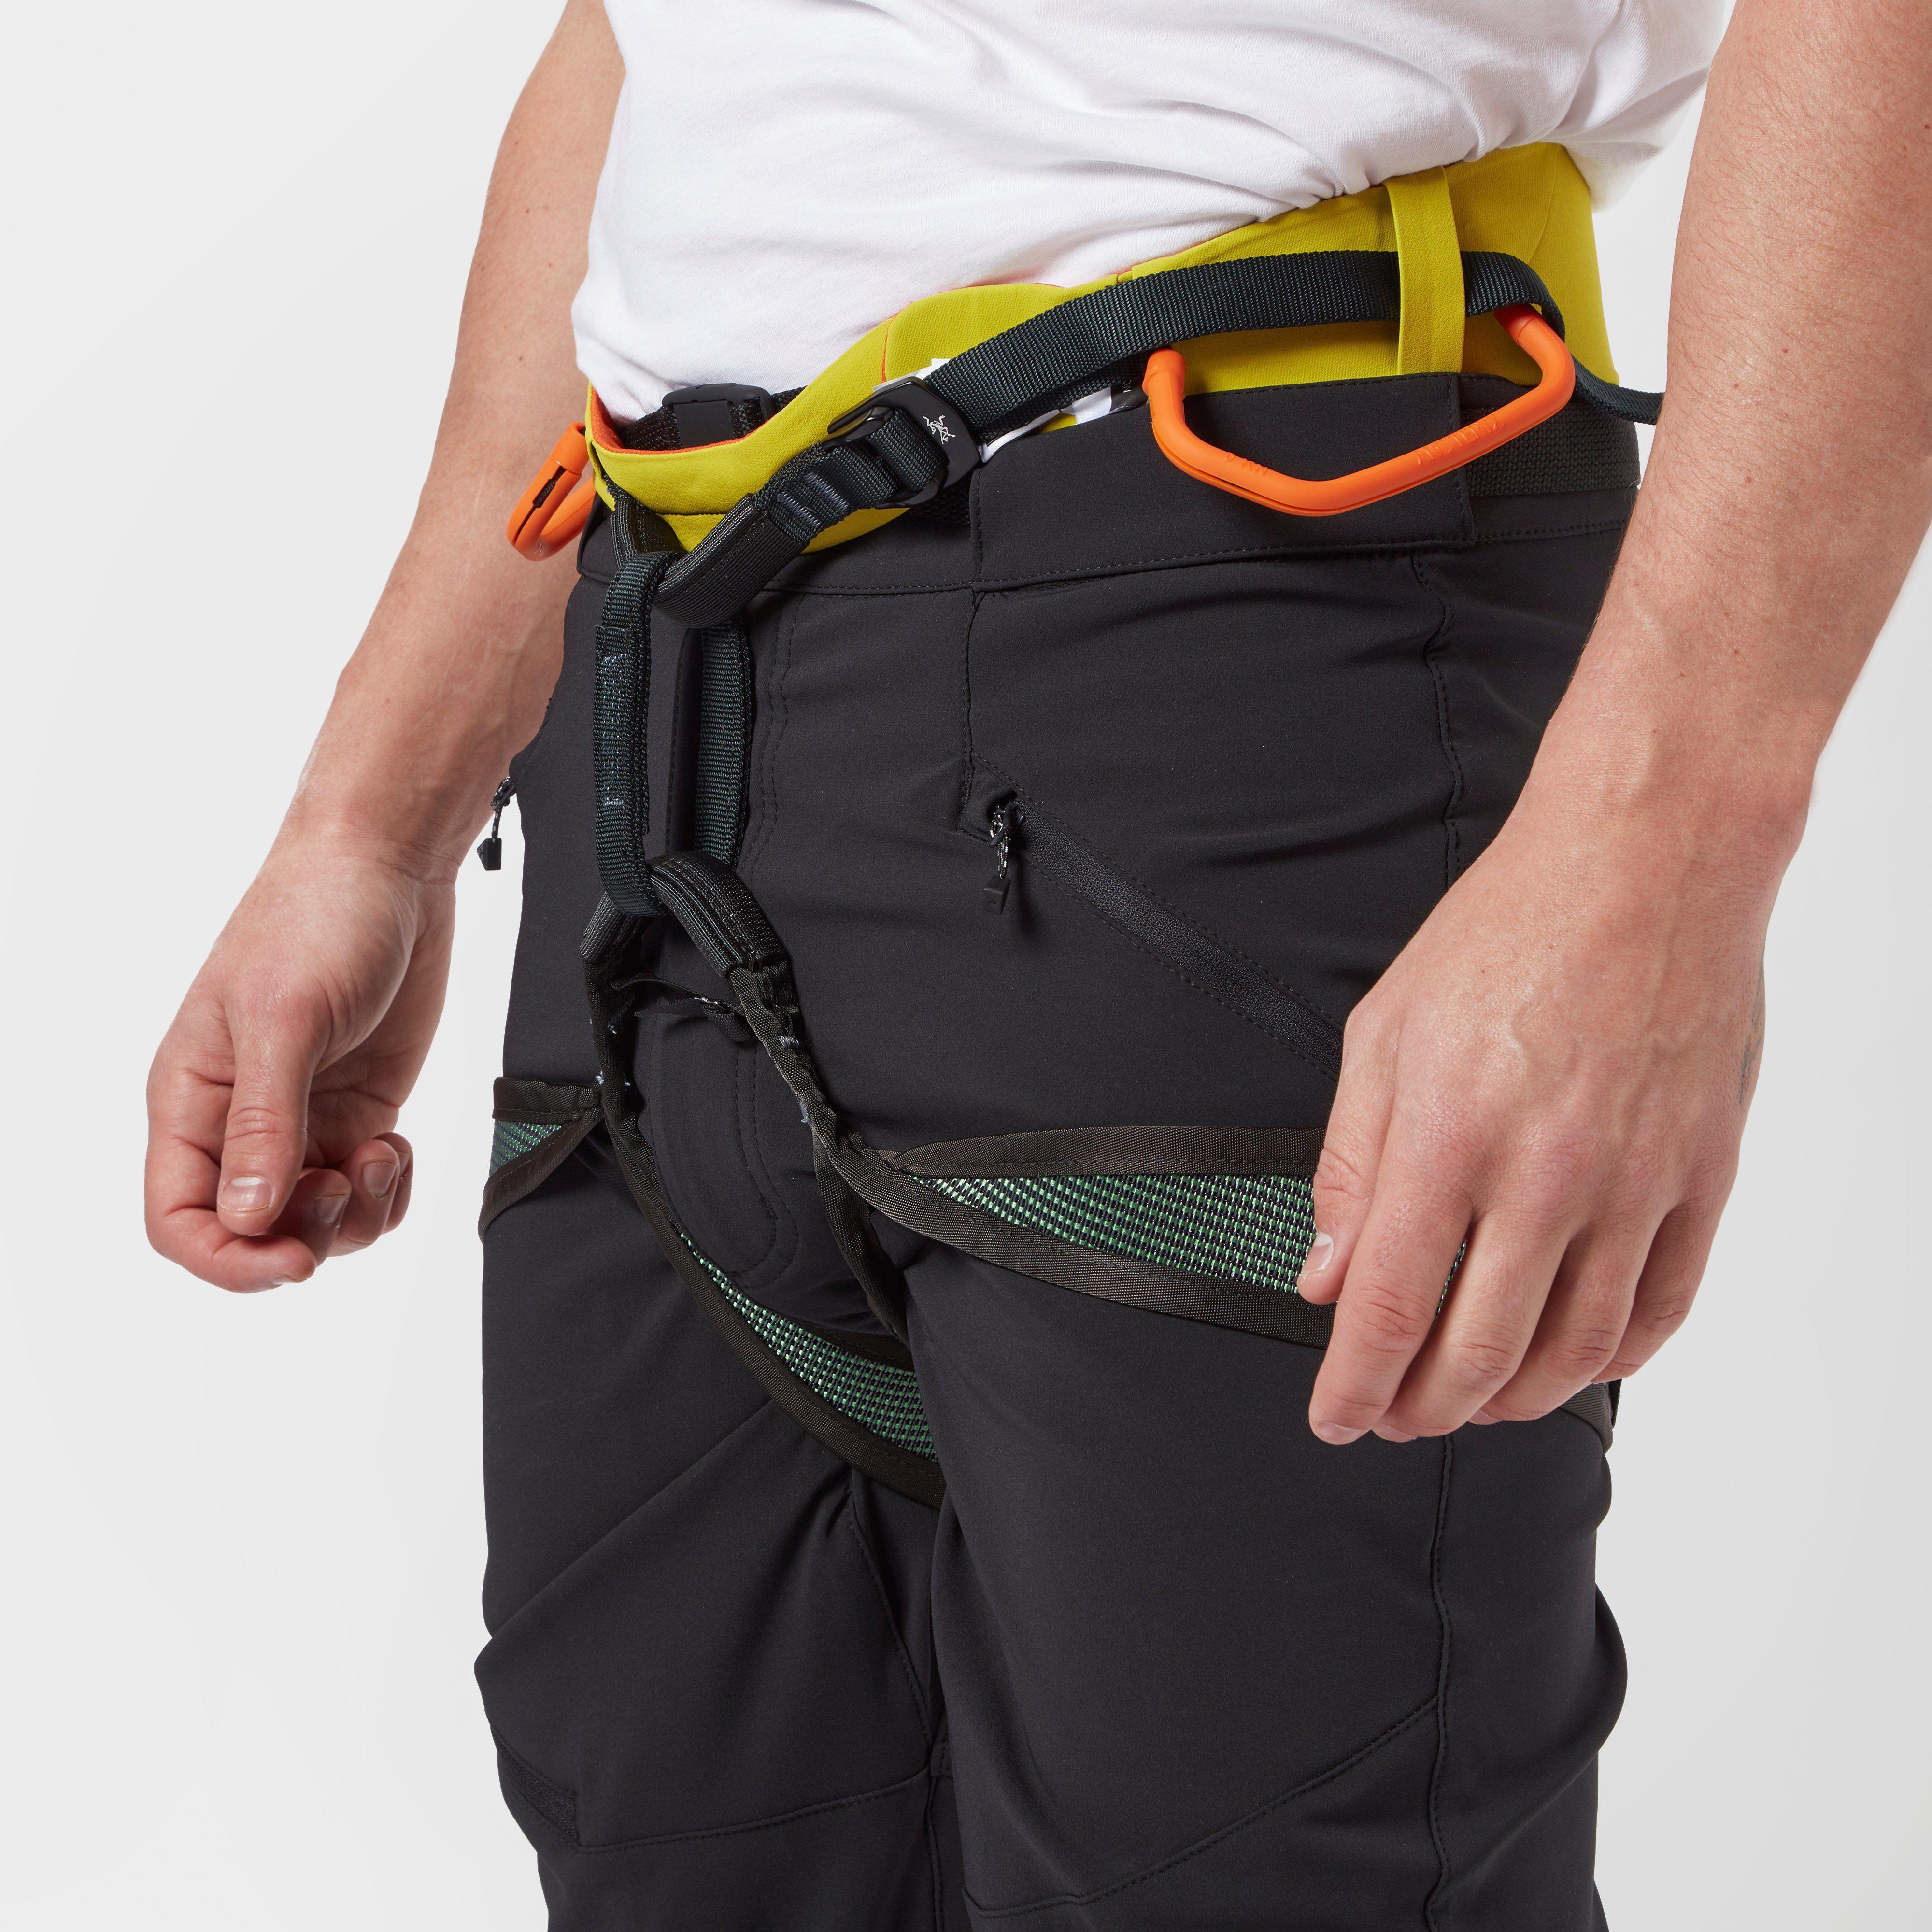 ARC'TERYX S220 LT Harness